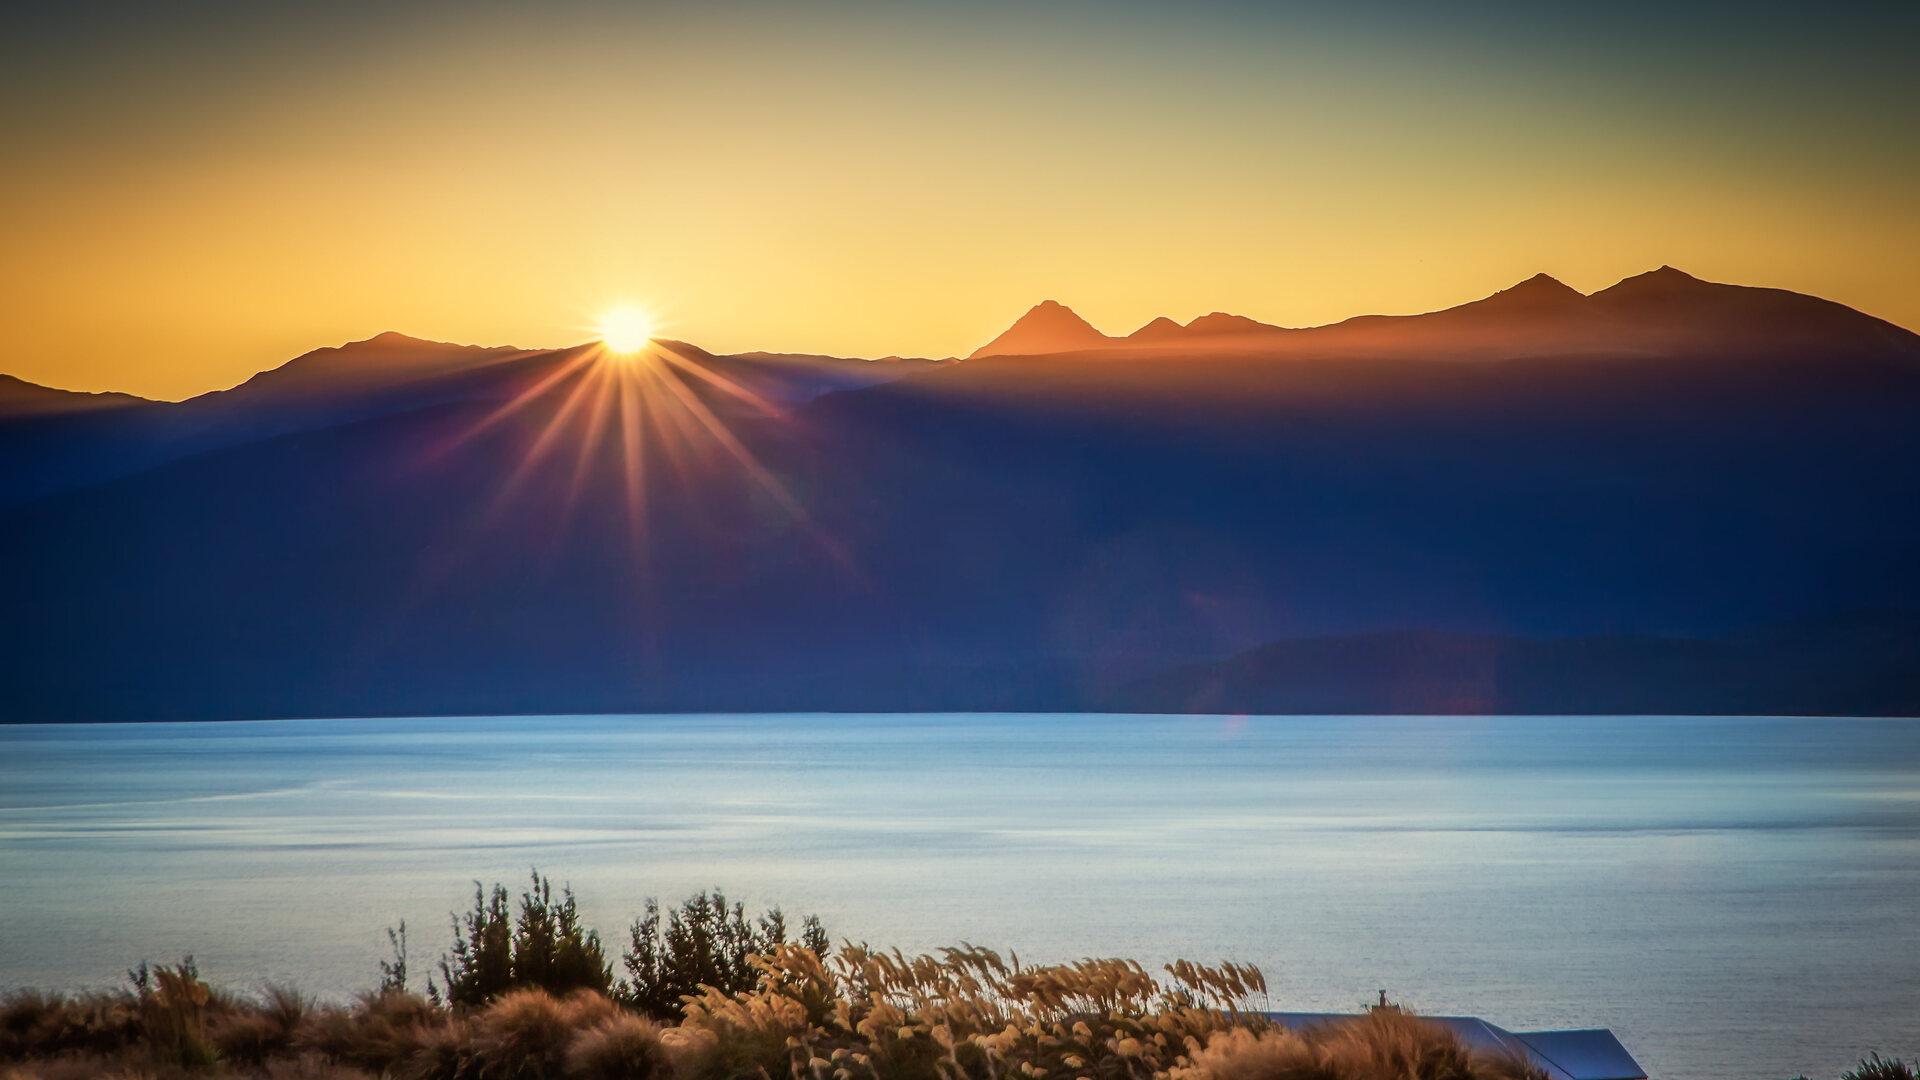 sun-burst-lake-te-anau-4k-yl.jpg